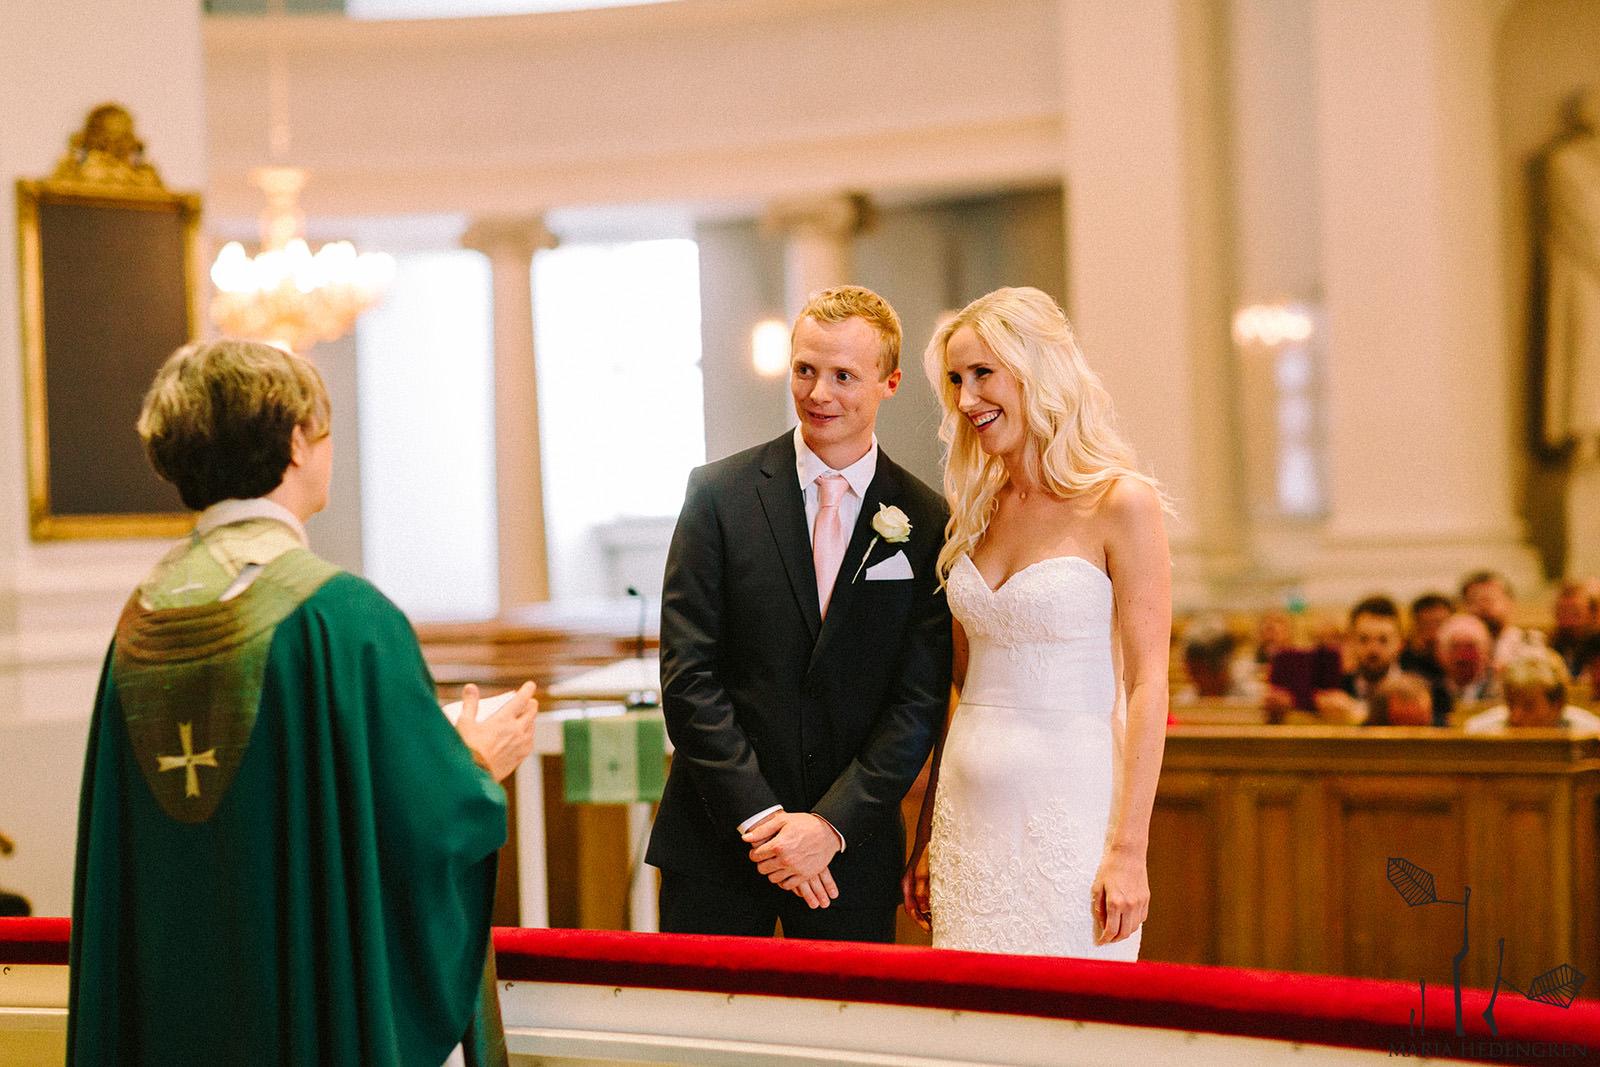 Helsinki tuomiokirkko wedding